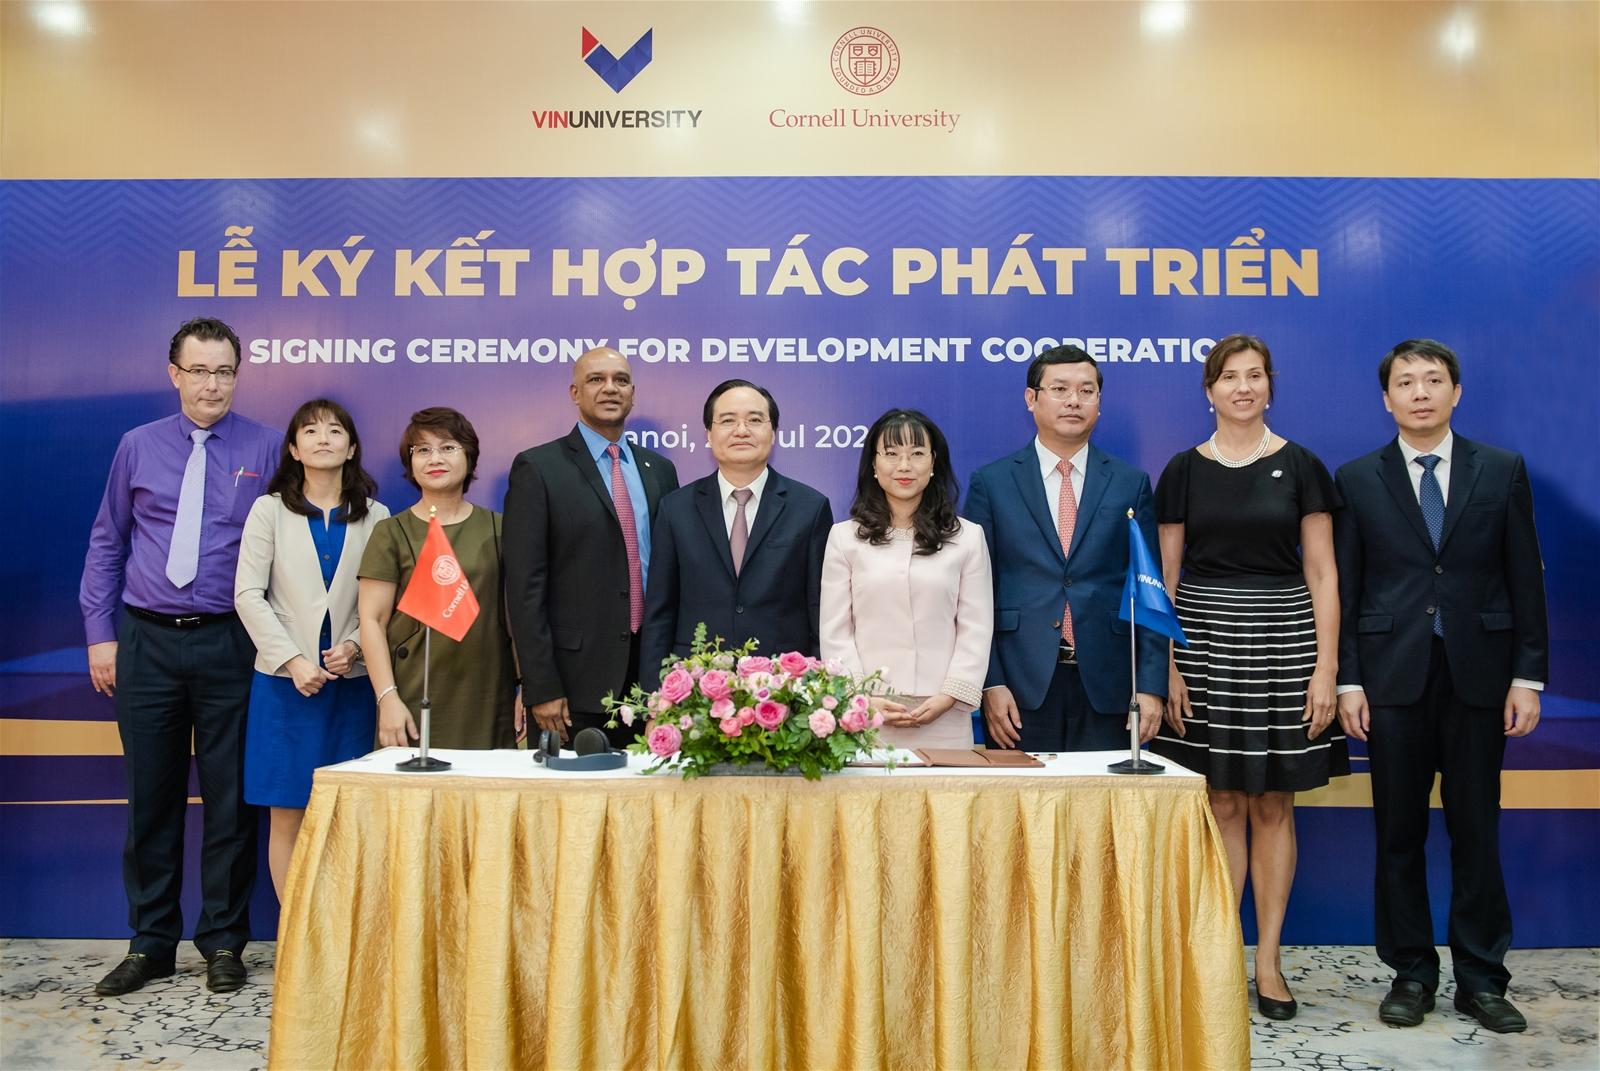 VinUni tiếp nhận sinh viên quốc tế của ĐH Cornell sang học tập tại Việt Nam